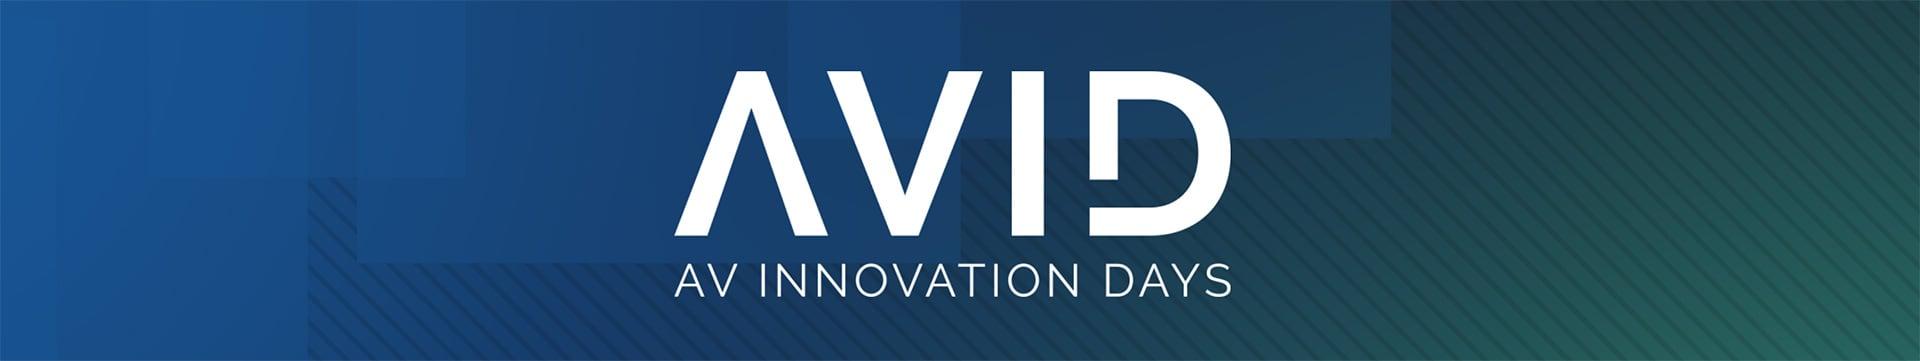 https://www.eyefactive.com/img/blog/159/stage/pro-av-innovation-days-2021.jpg